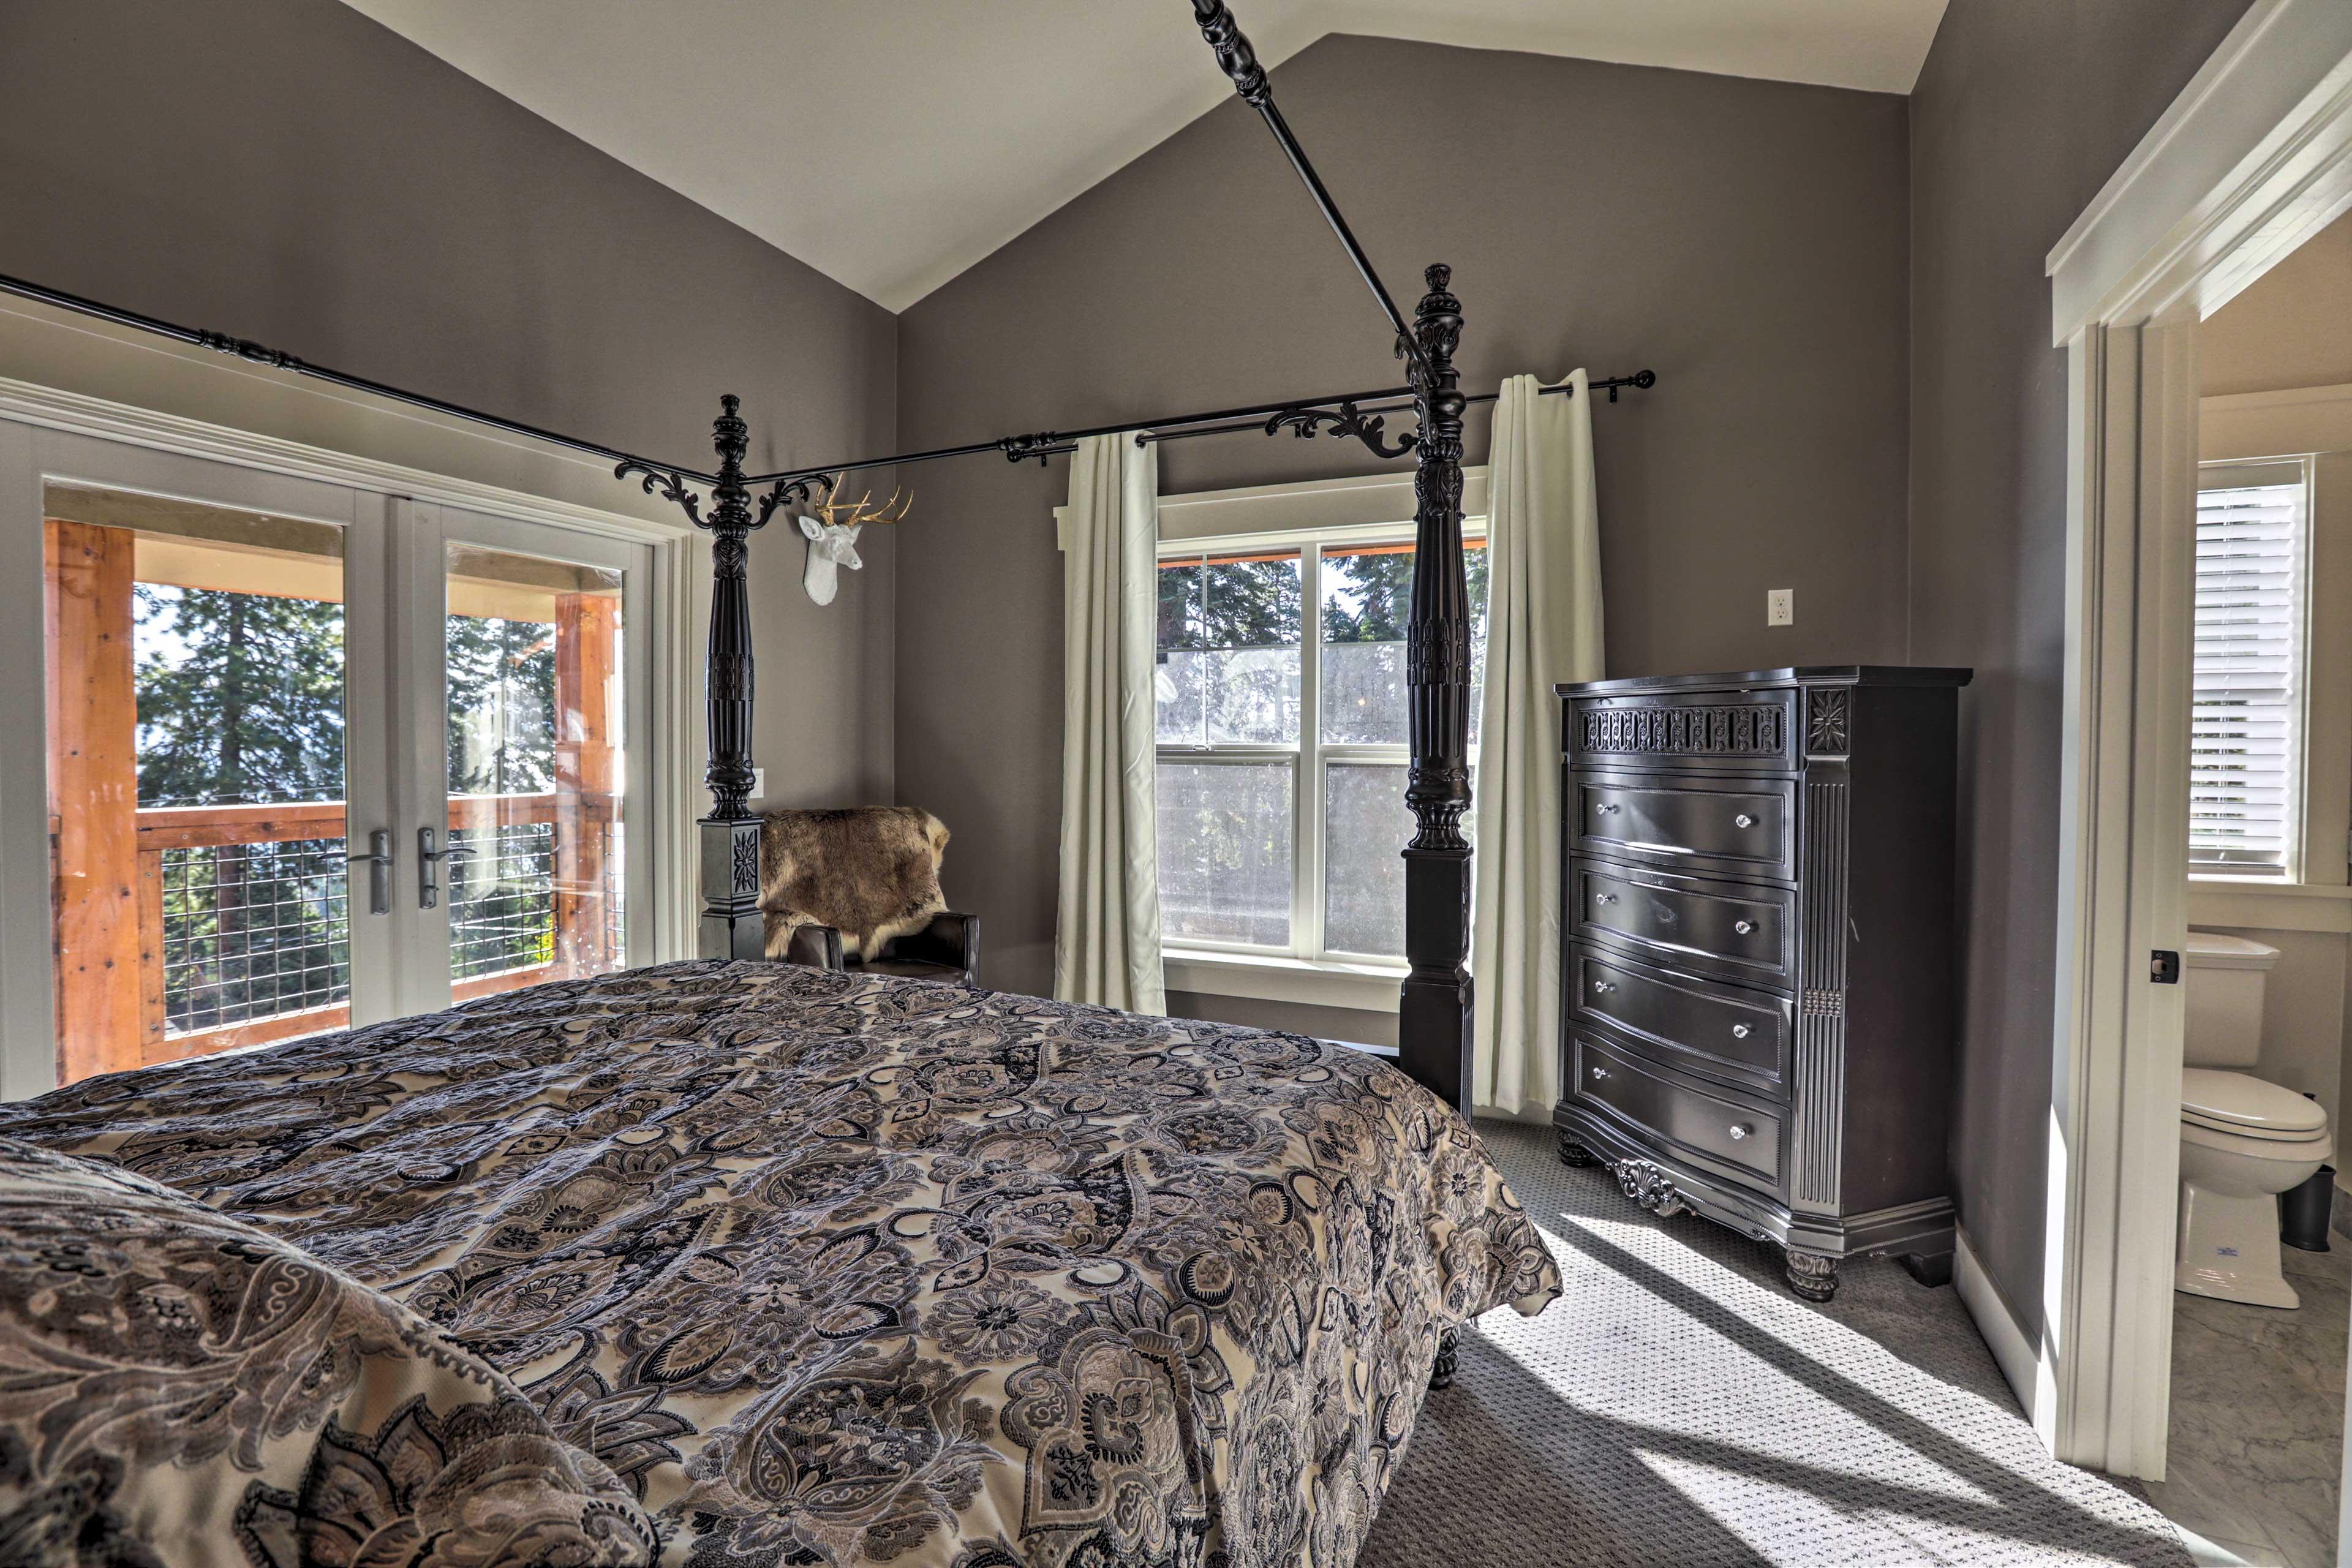 The corner suite affords plenty of natural light.